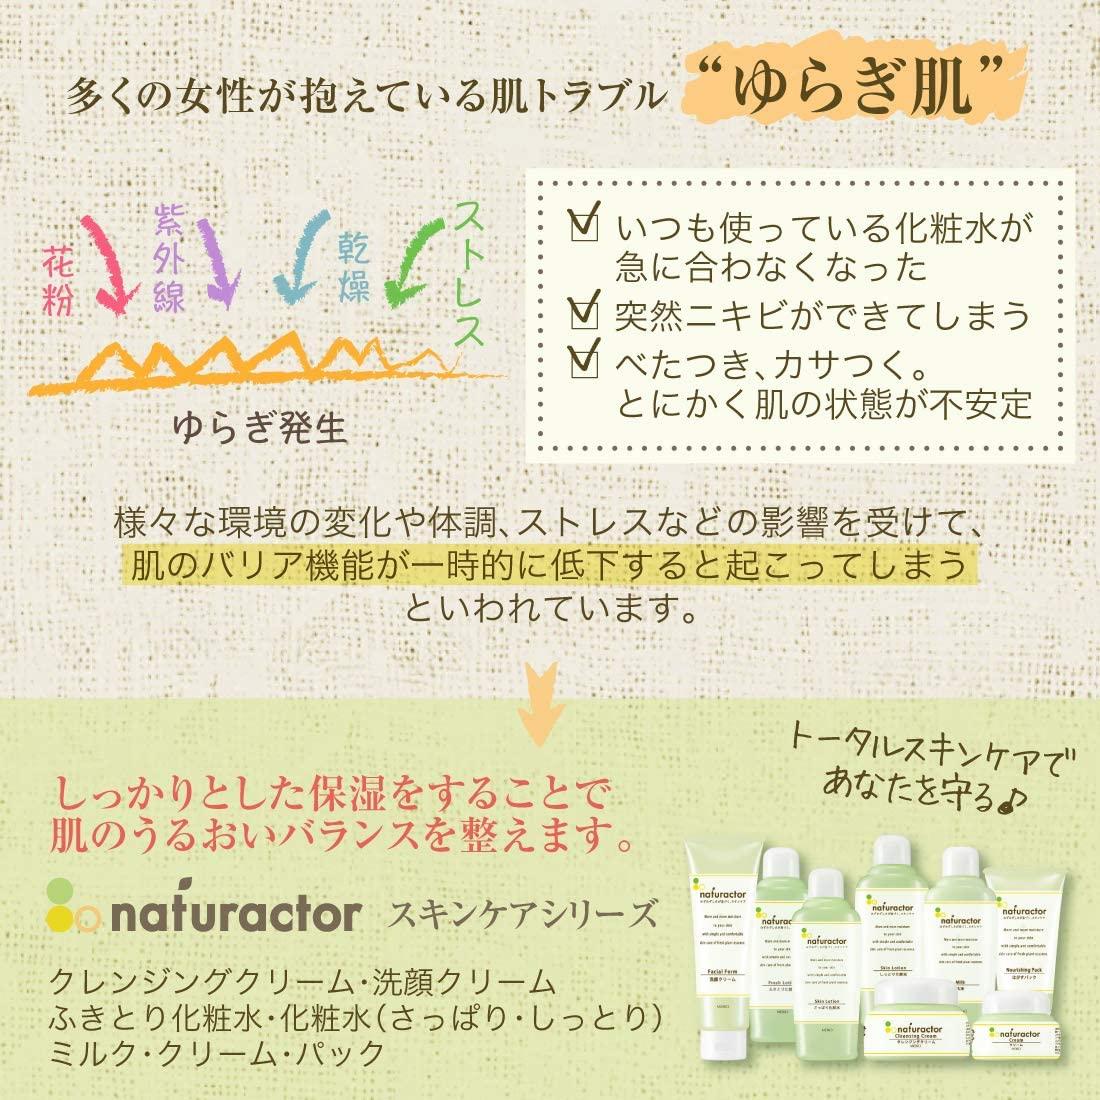 メイコーnaturactor(ナチュラクター) ミルクの商品画像8